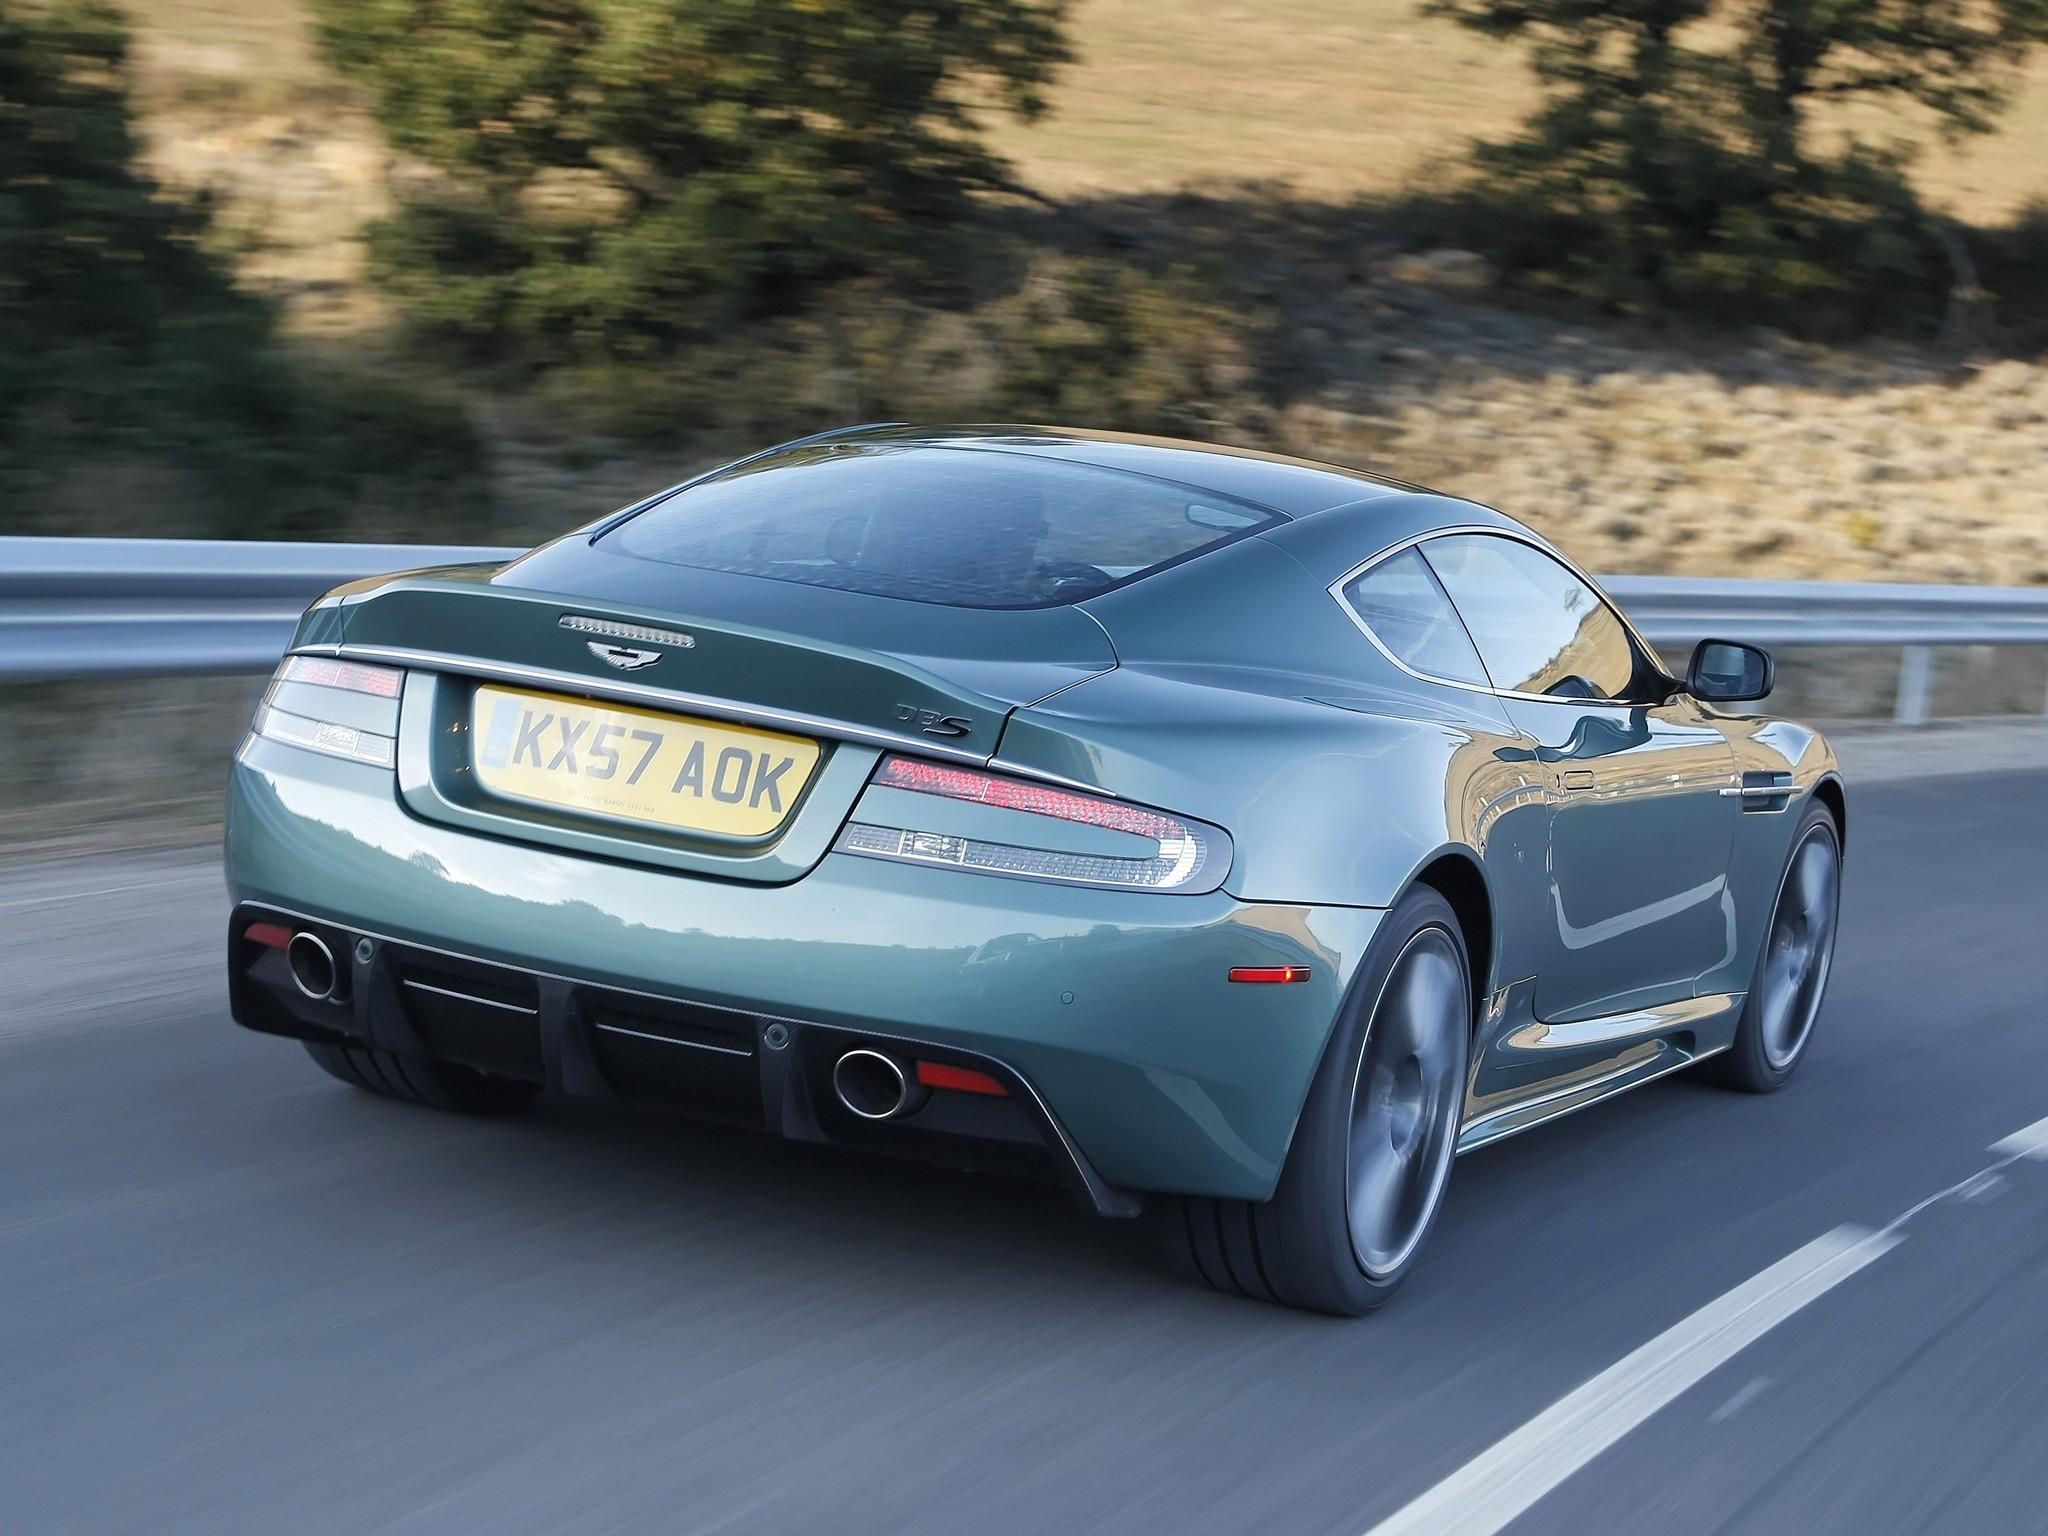 Aston Martin Dbs Spezifikationen Fotos 2008 2009 2010 2011 2012 Autoevolution In Deutscher Sprache